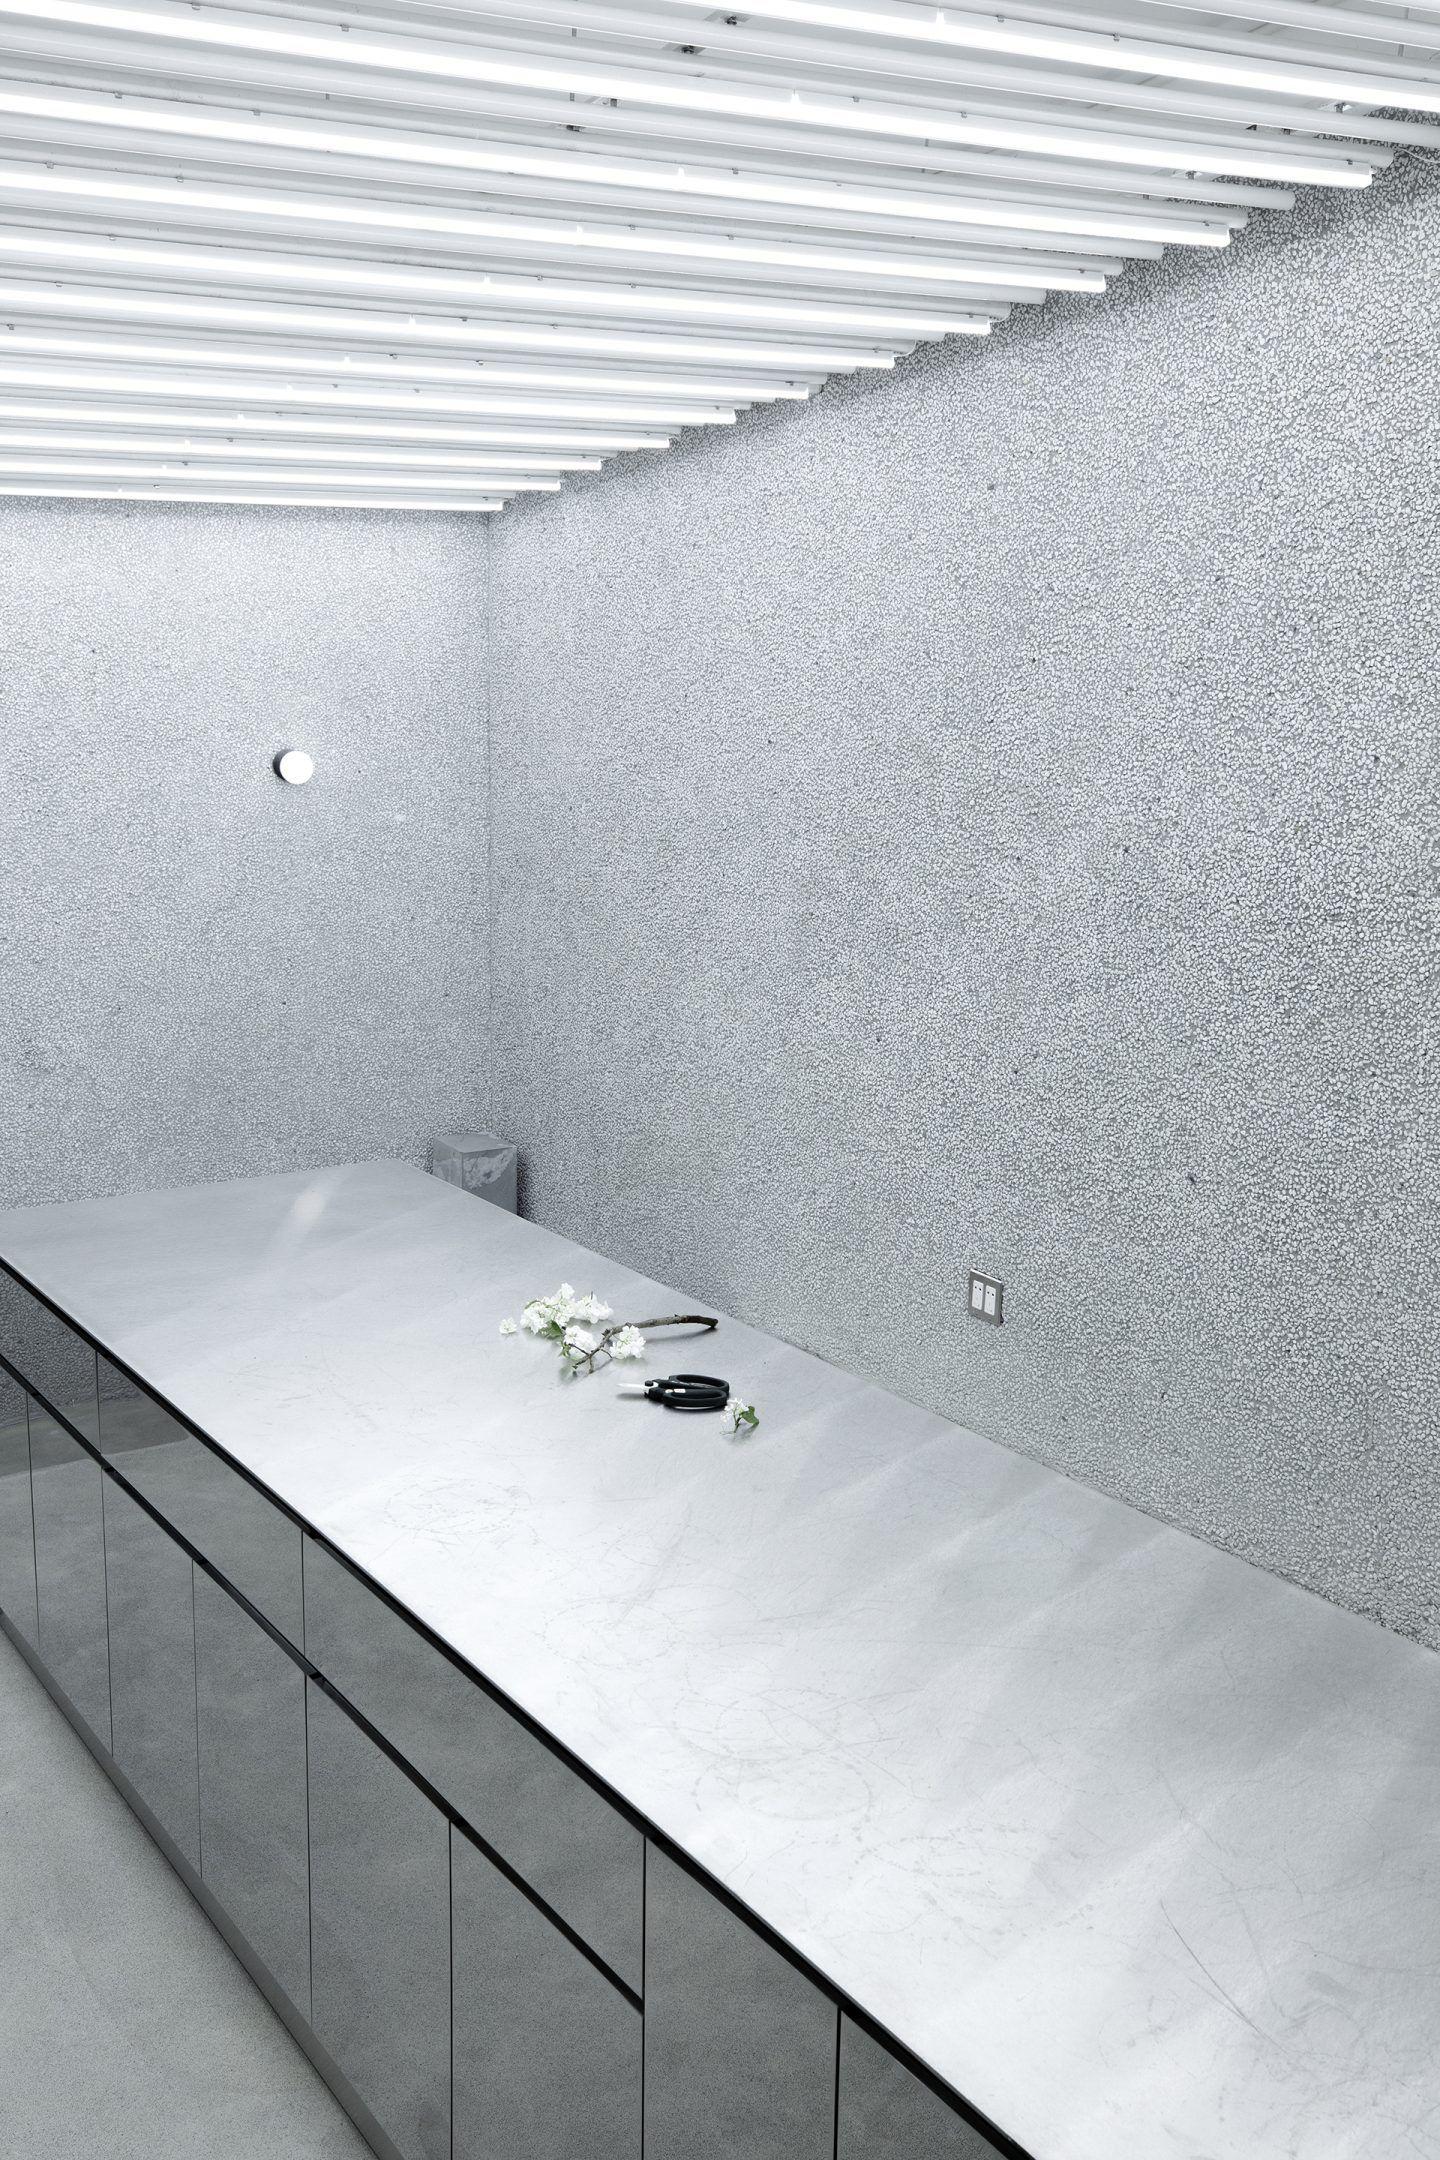 IGNANT-Architecture-0321studio-7